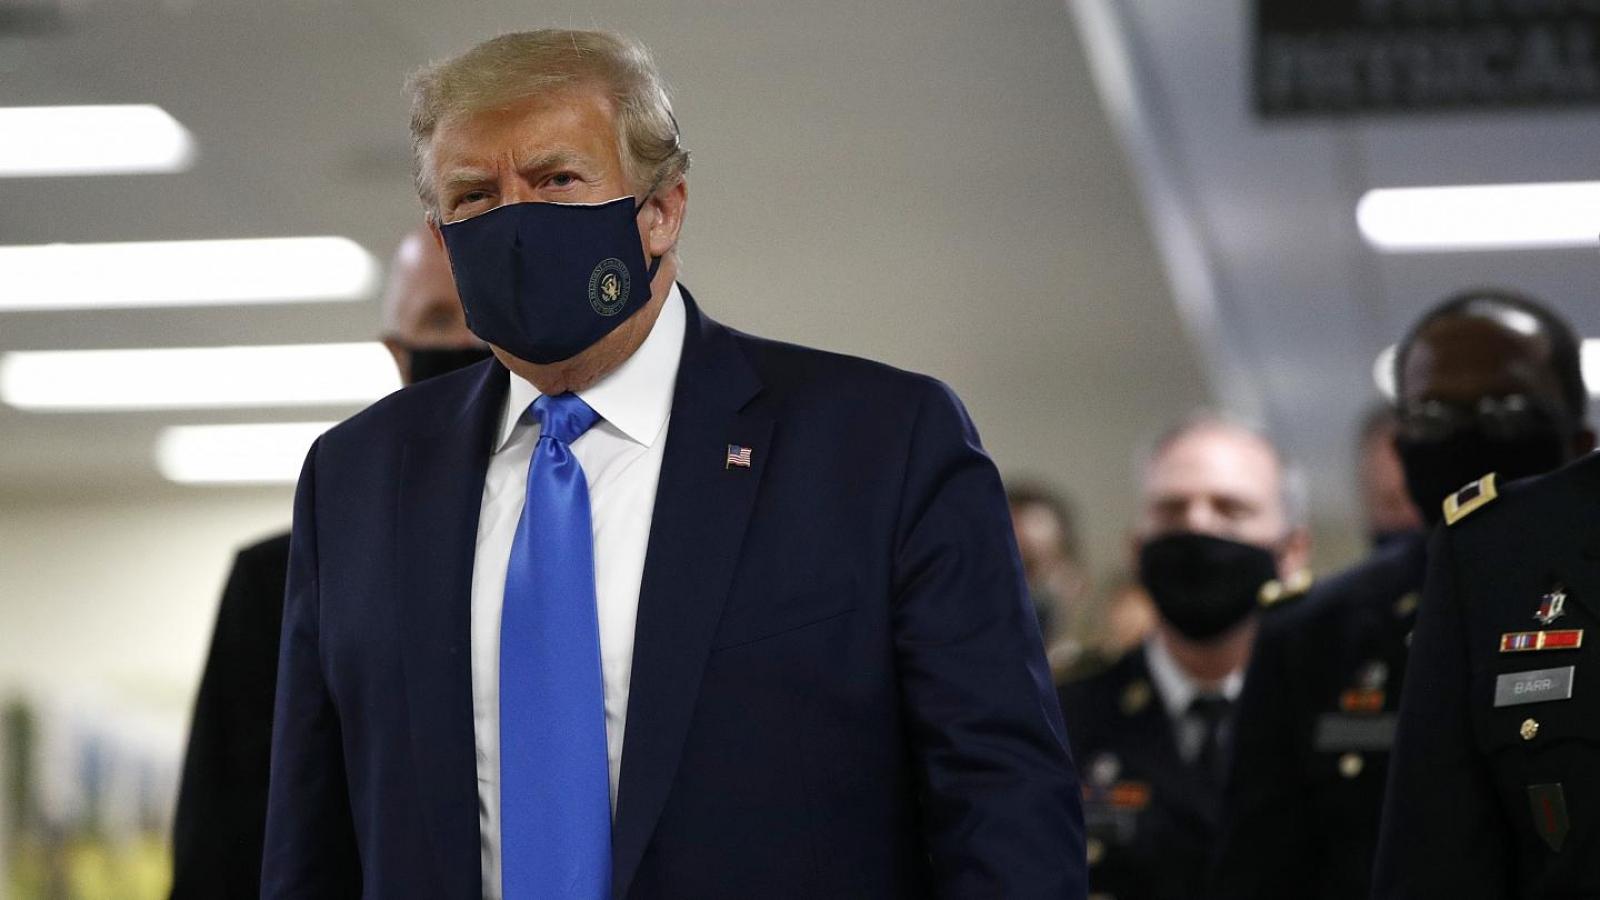 Luật sư của ông Trump: Thượng viện không thể kết tội Tổng thống mãn nhiệm